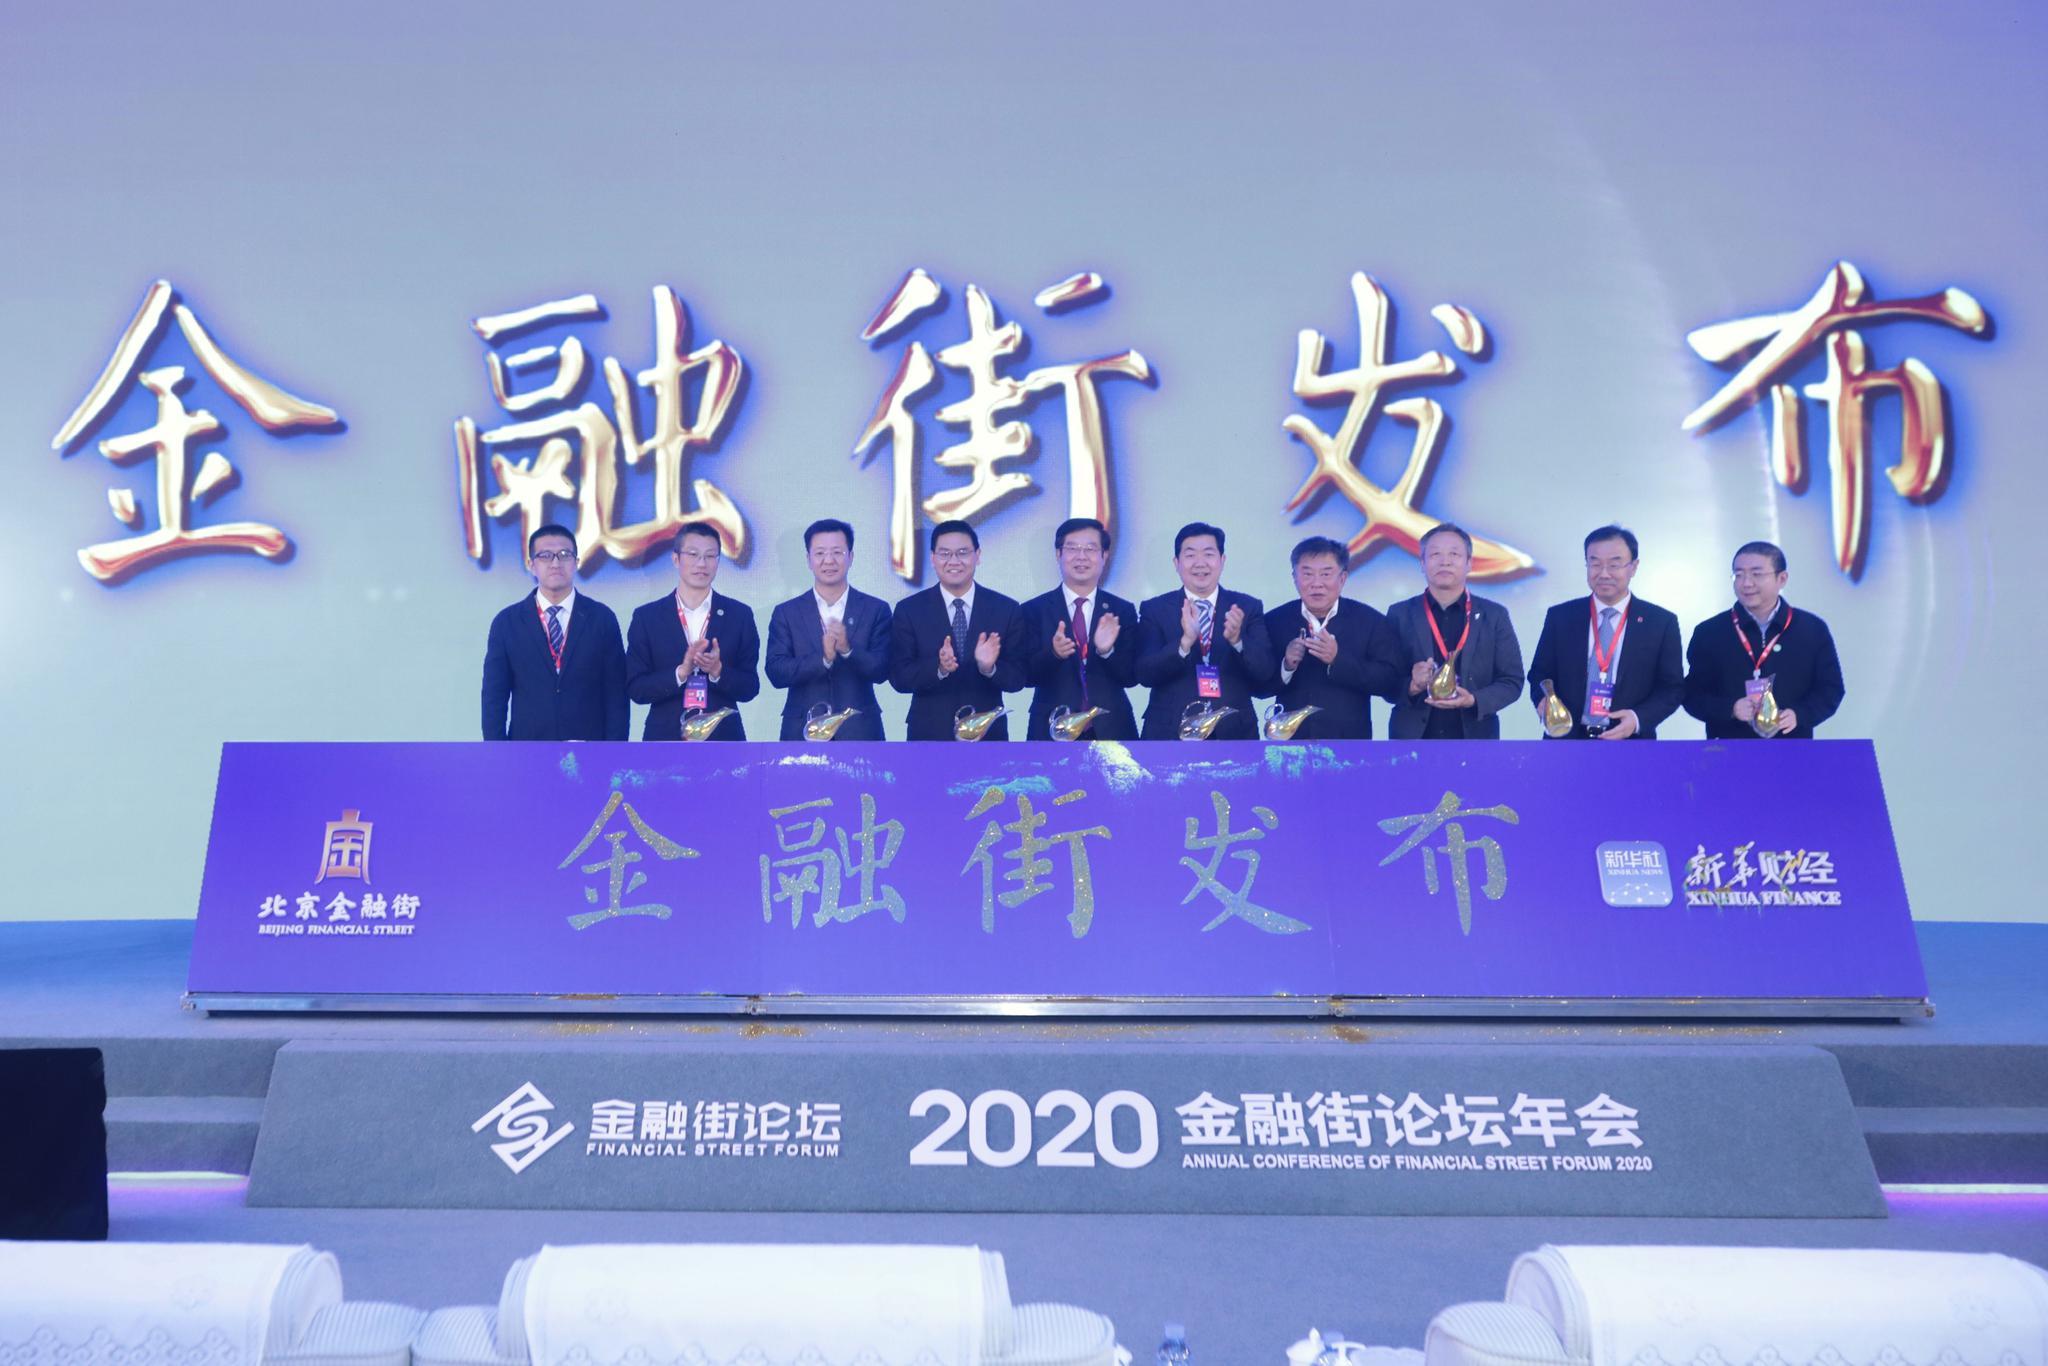 杨晋柏:北京金融街是海内外观察中国金融改革的重要窗口图片